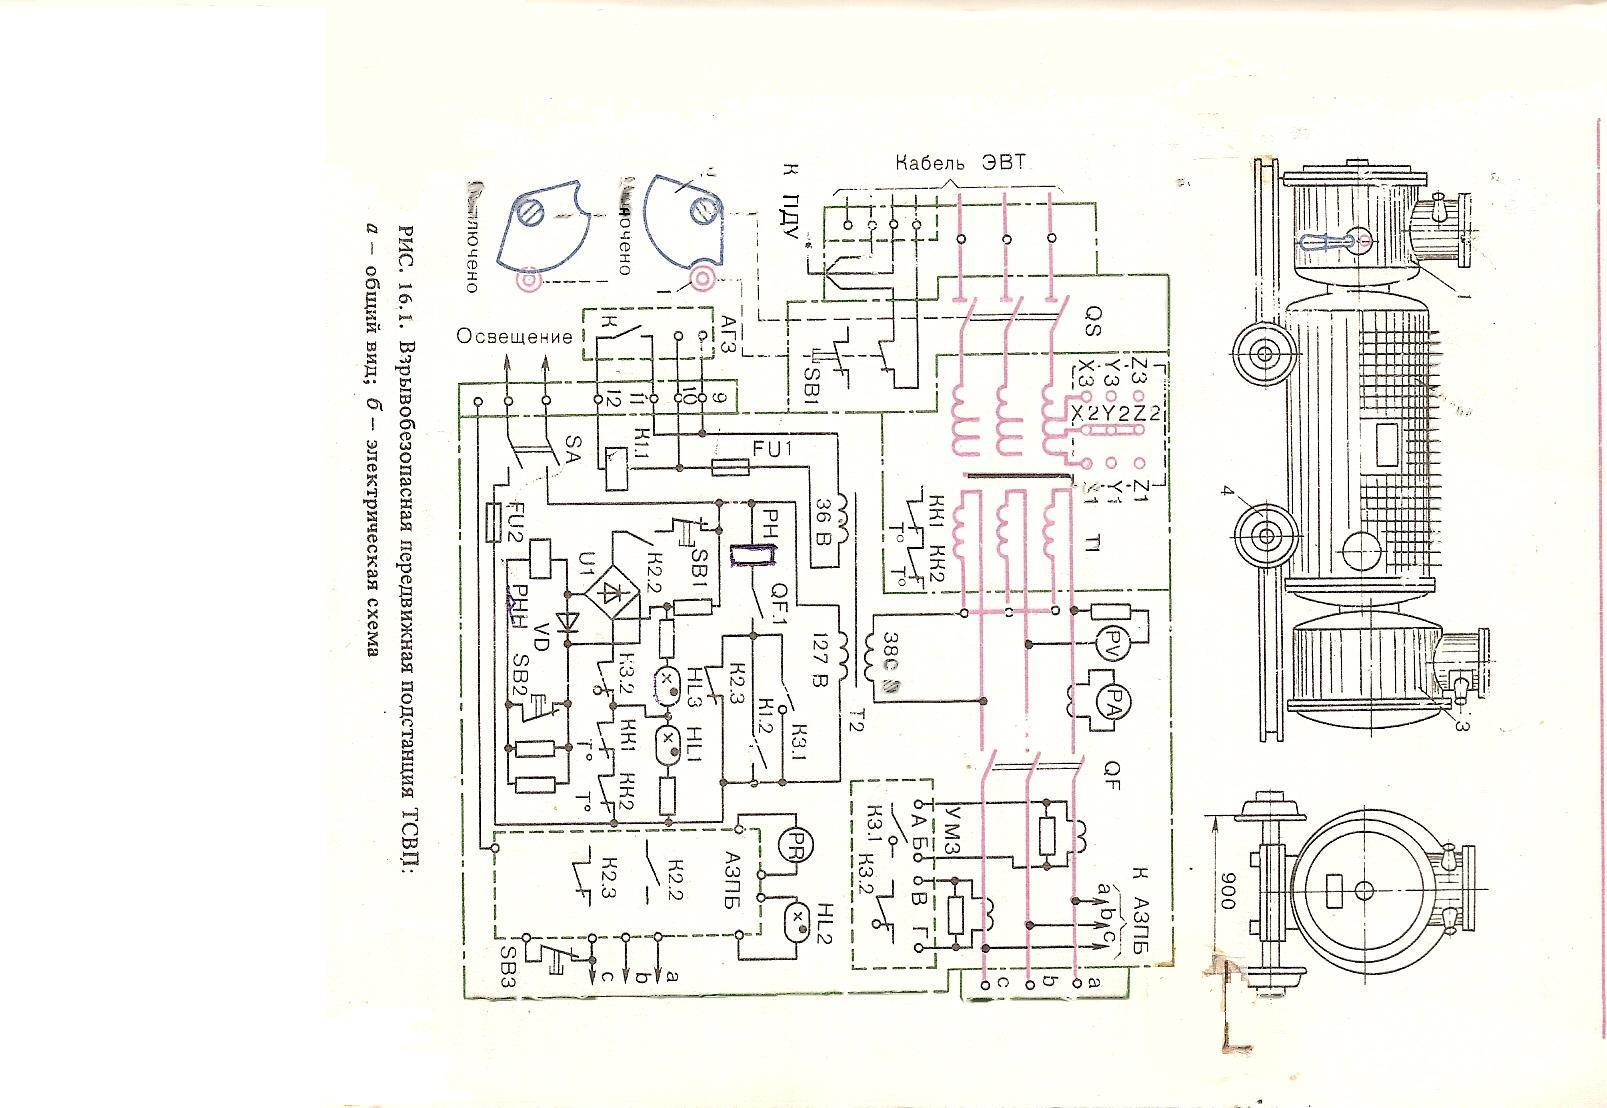 Чтение электрической схемы магнитного пускателя